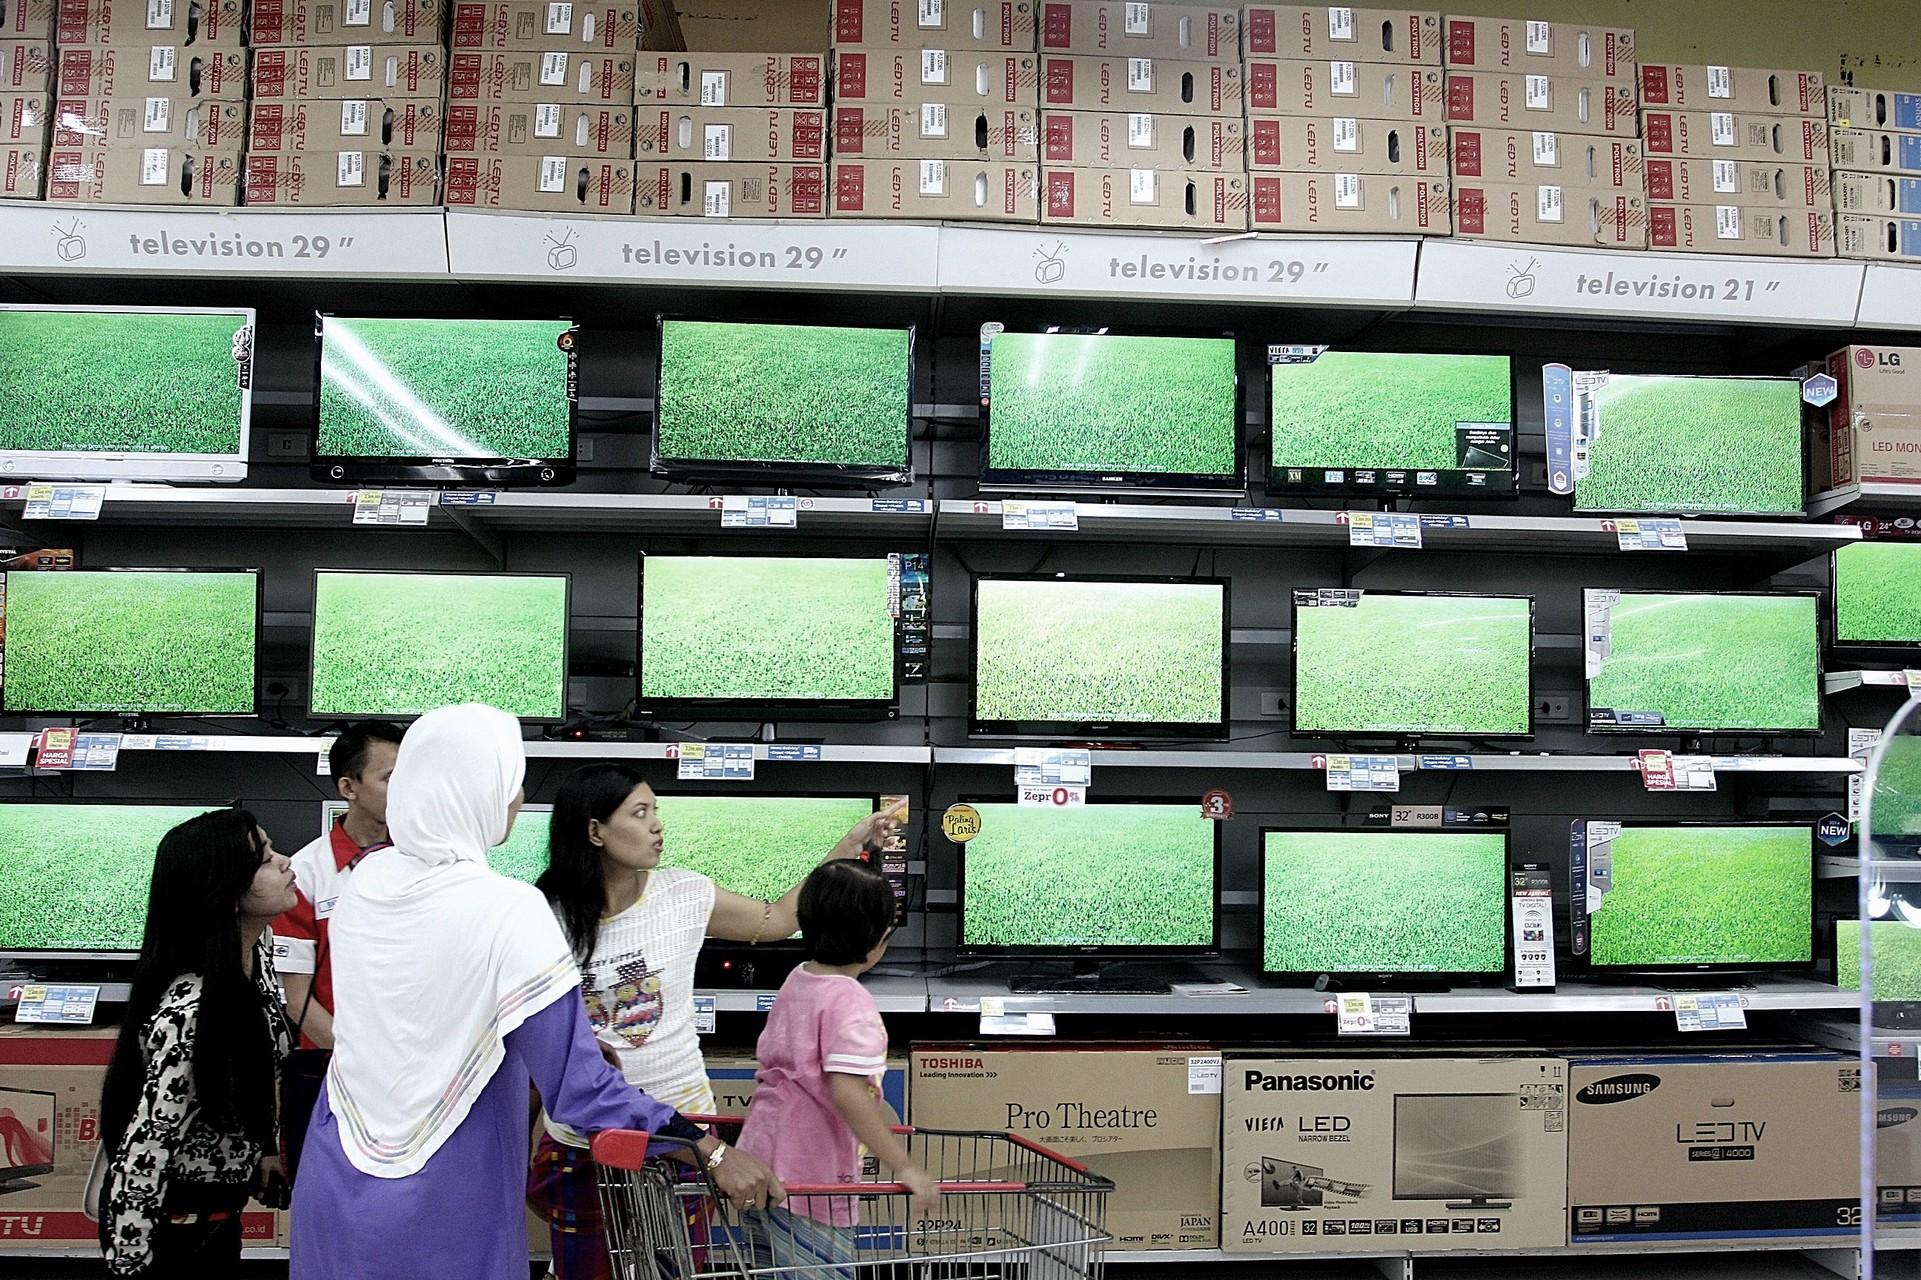 Televisi Panasonic